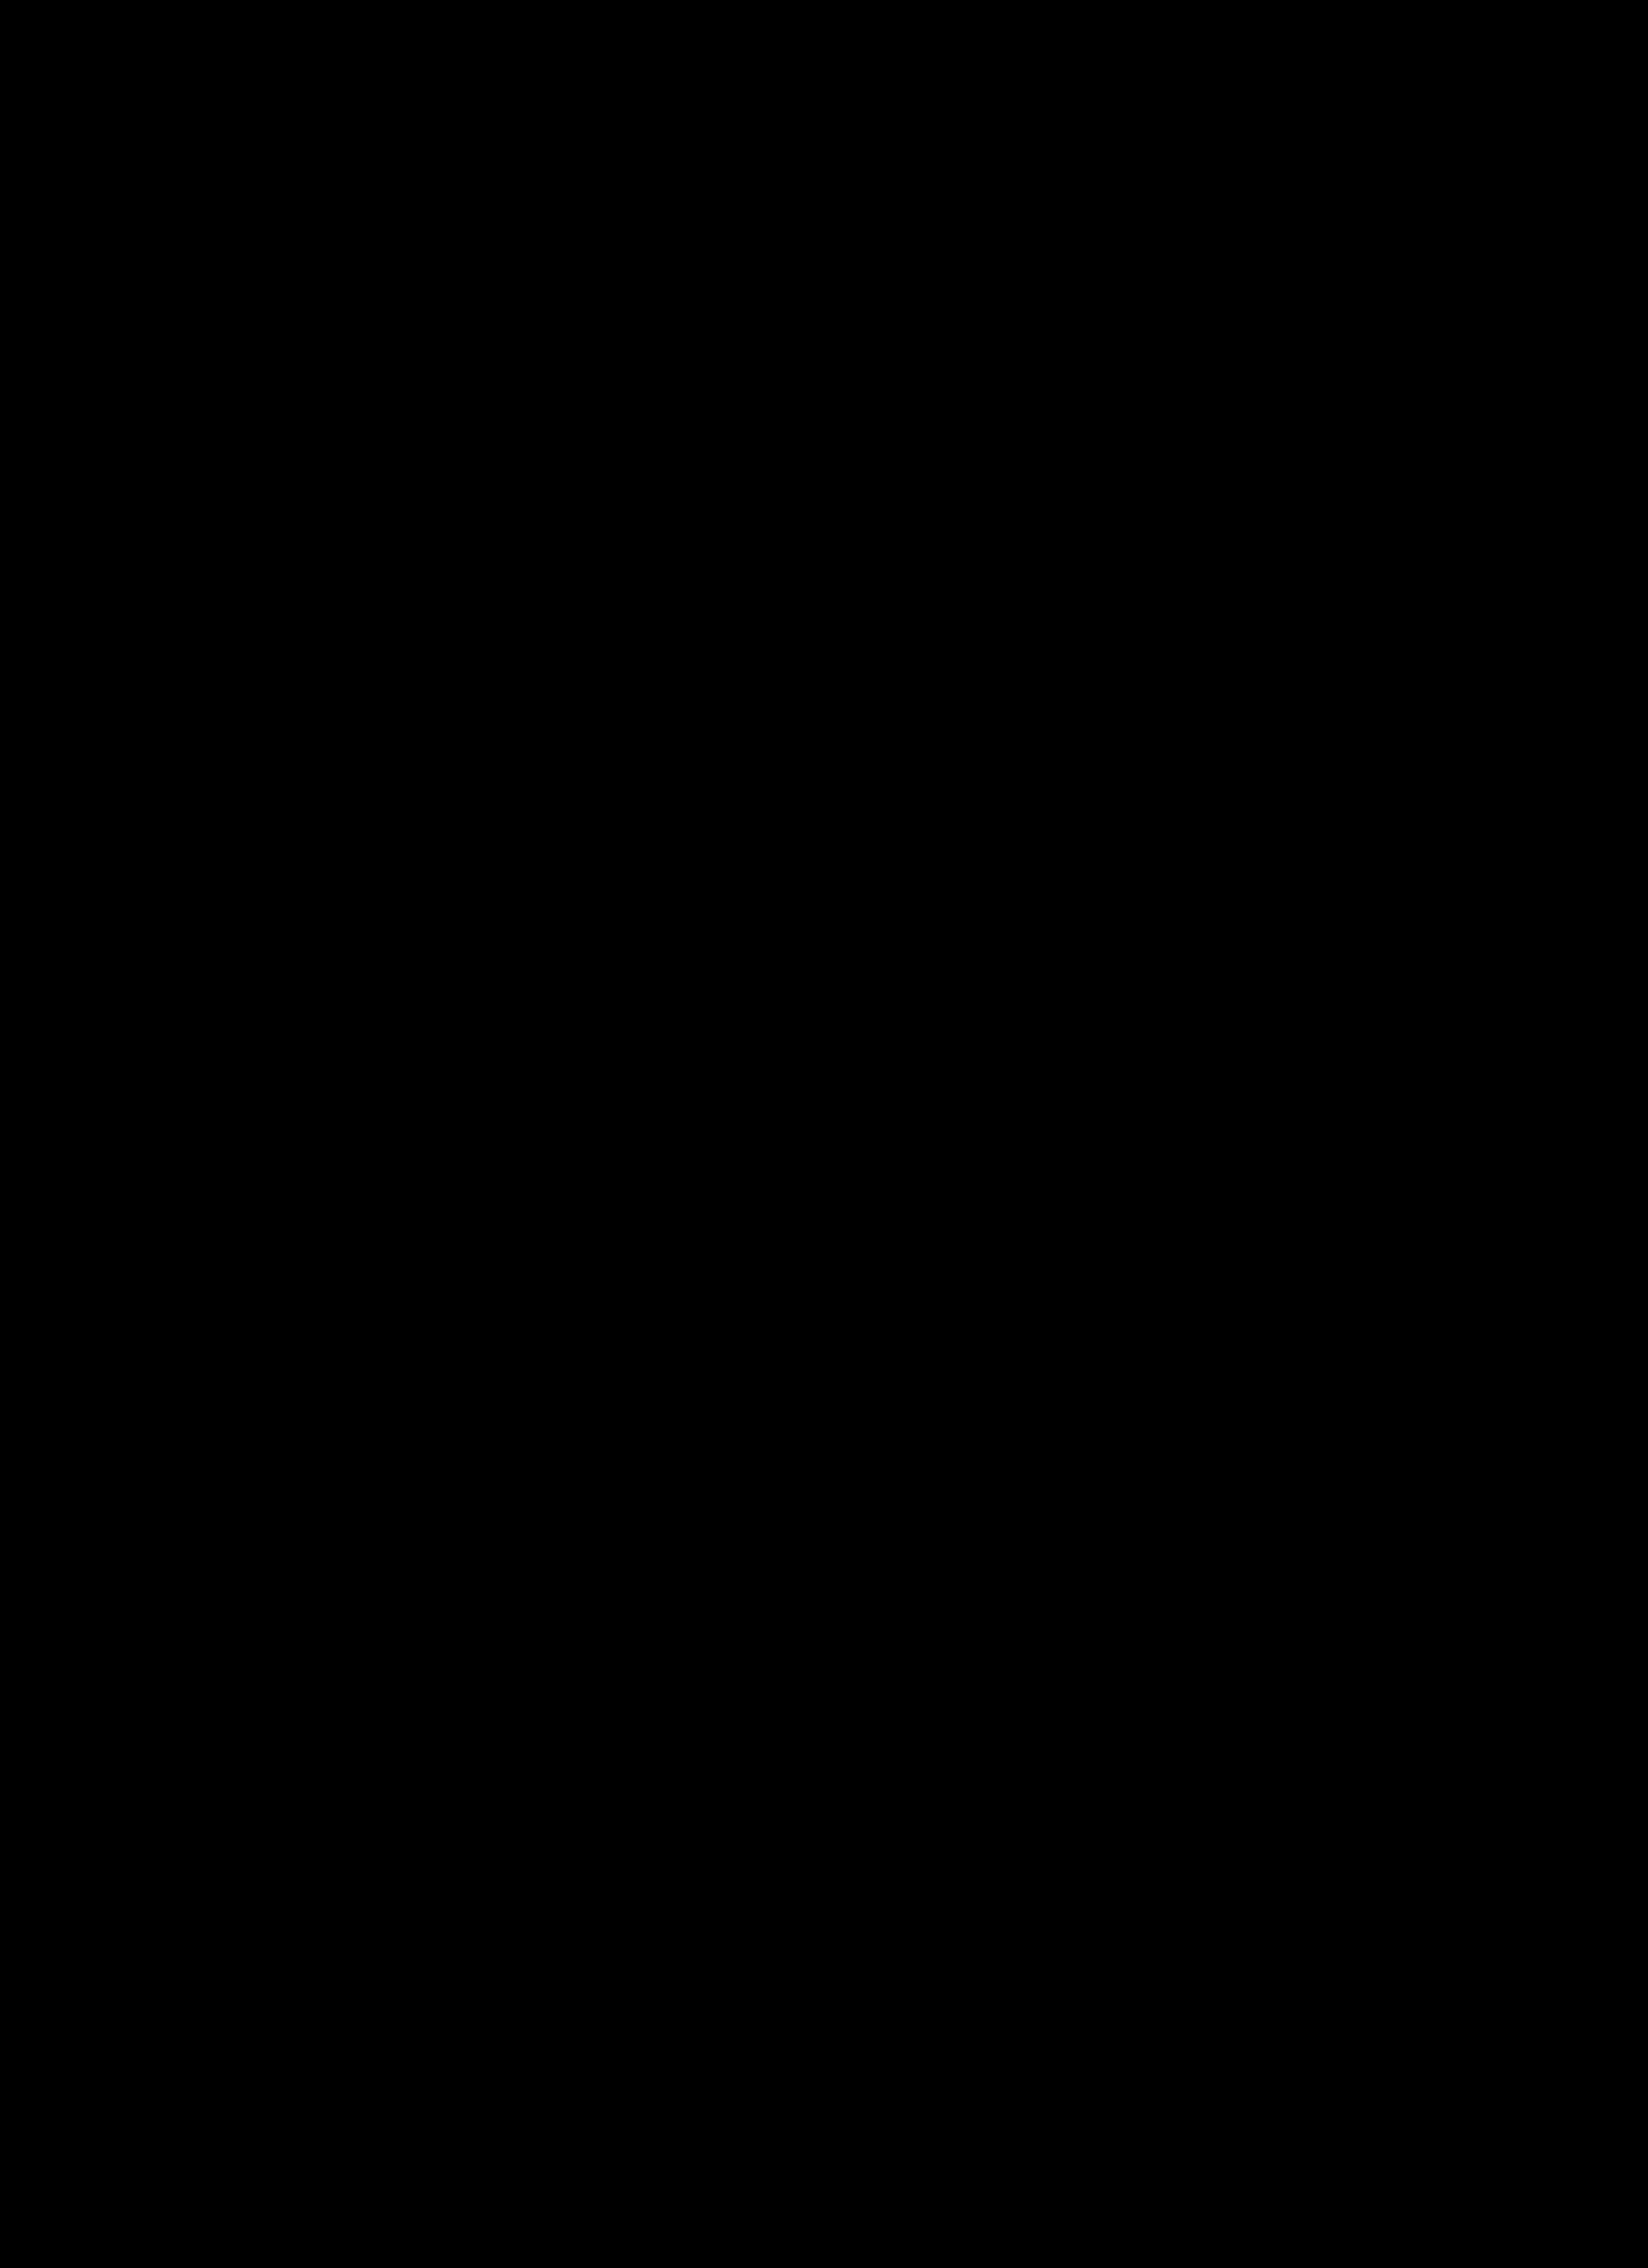 Clipart balloon outline. Hot air silhouette big